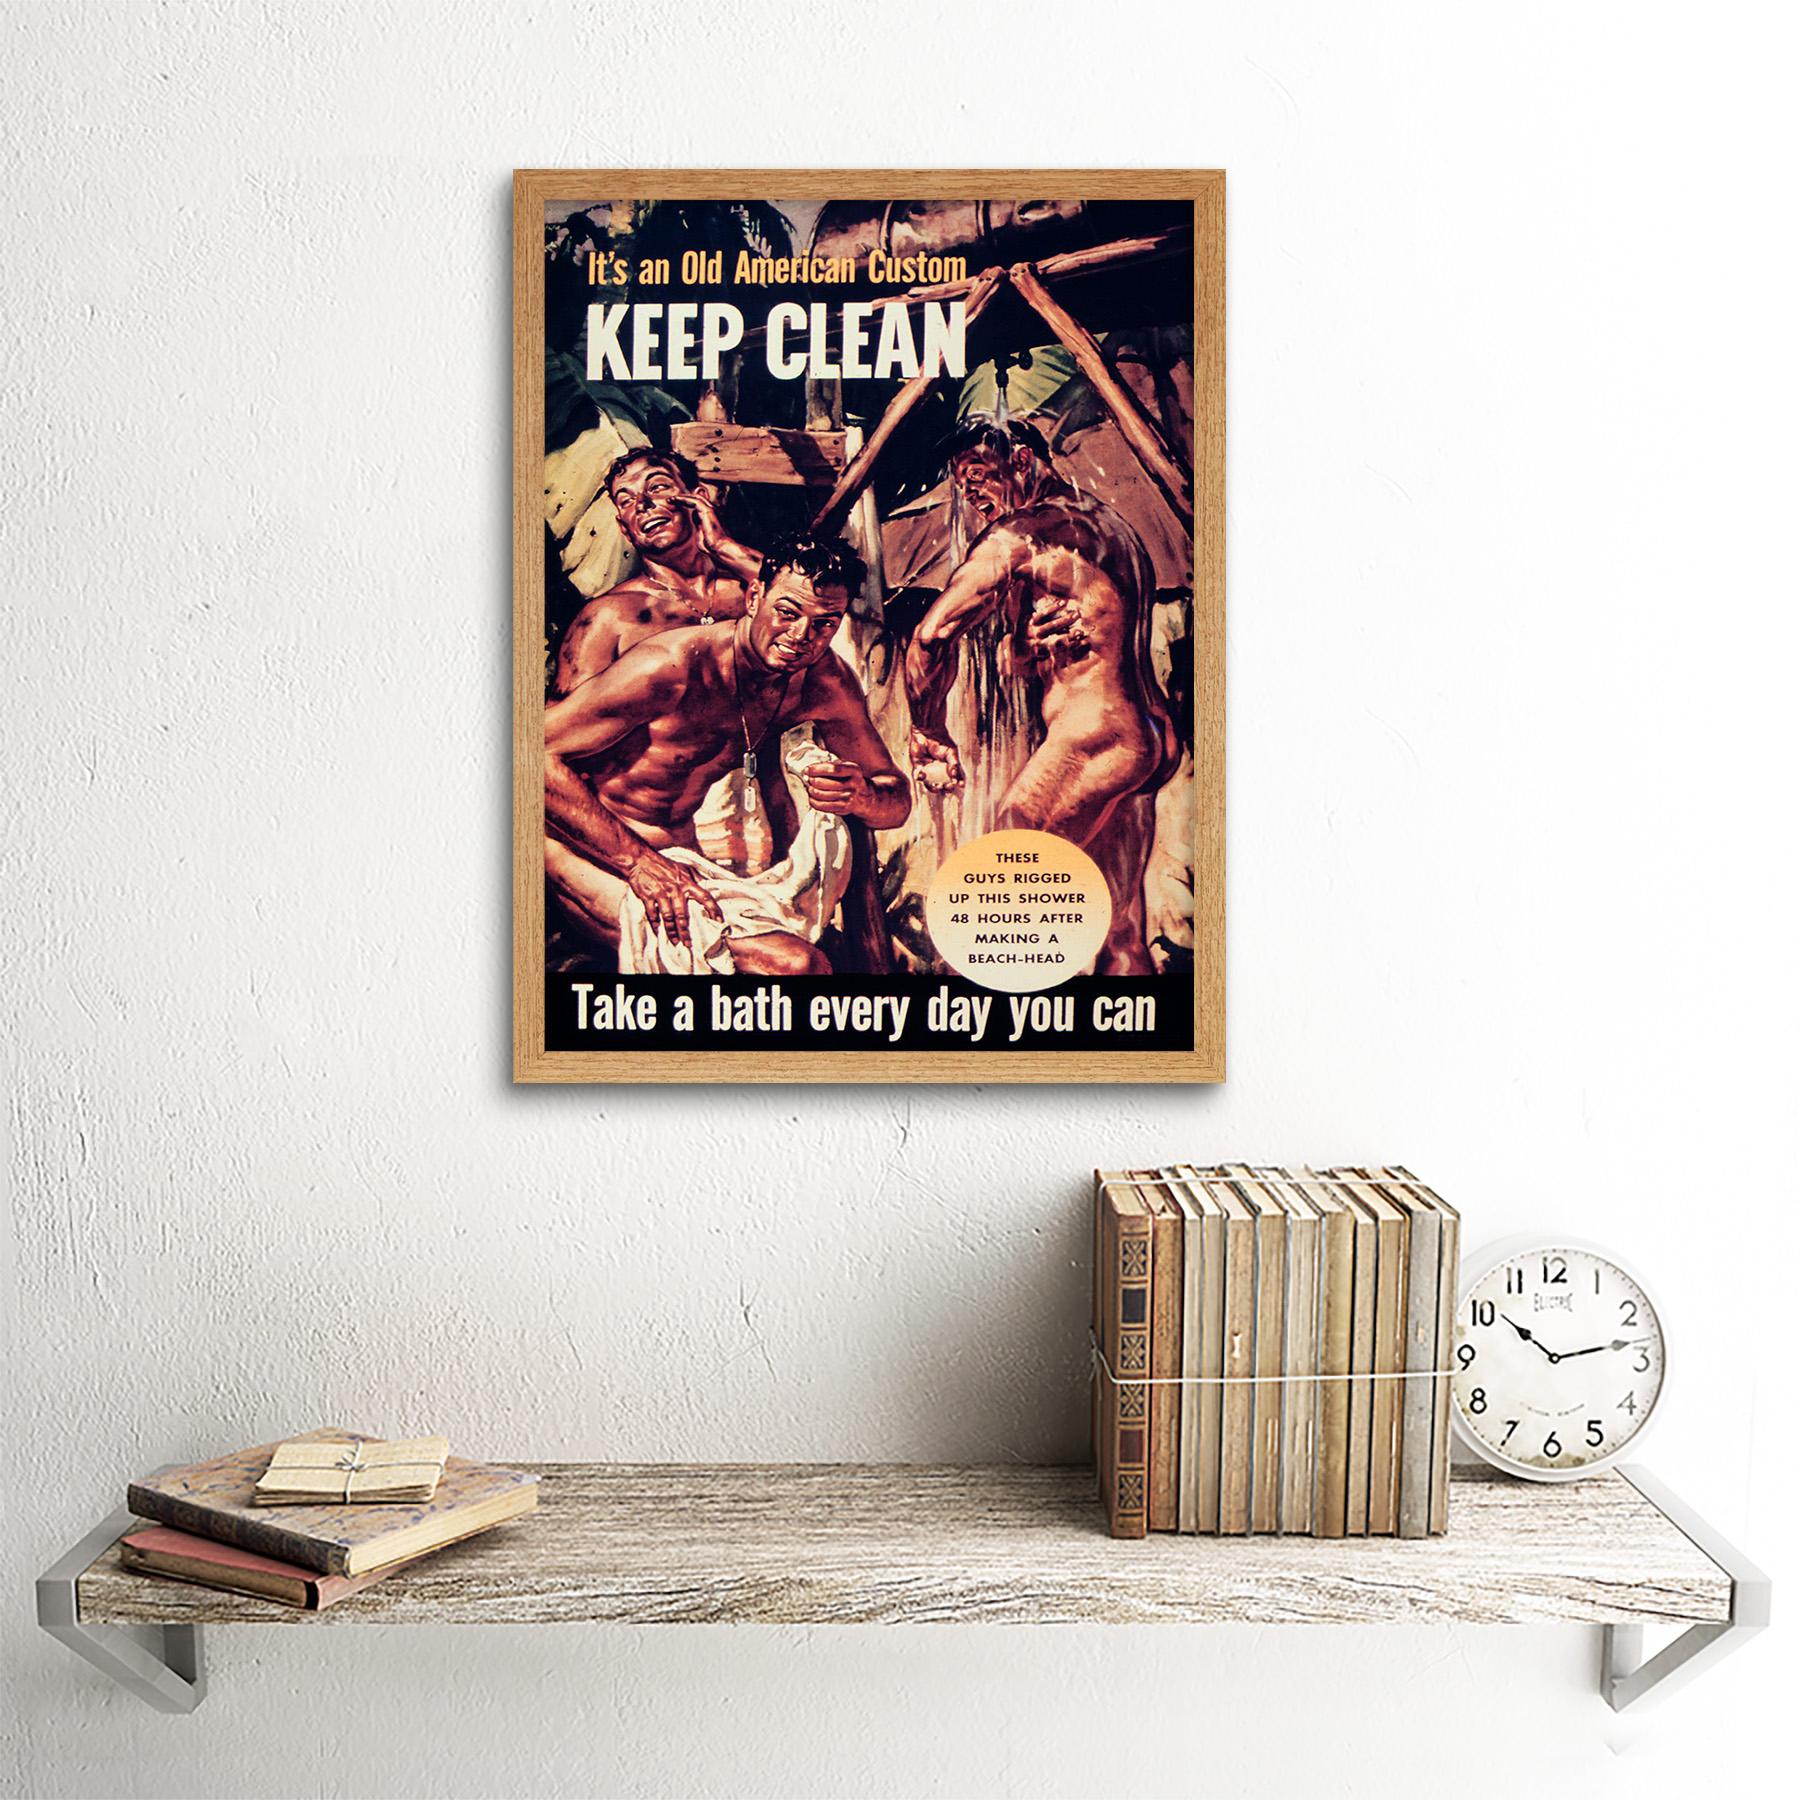 Propaganda War Wwii Usa Clean Health Bath Shower Soldier 12X16 Inch Framed Print